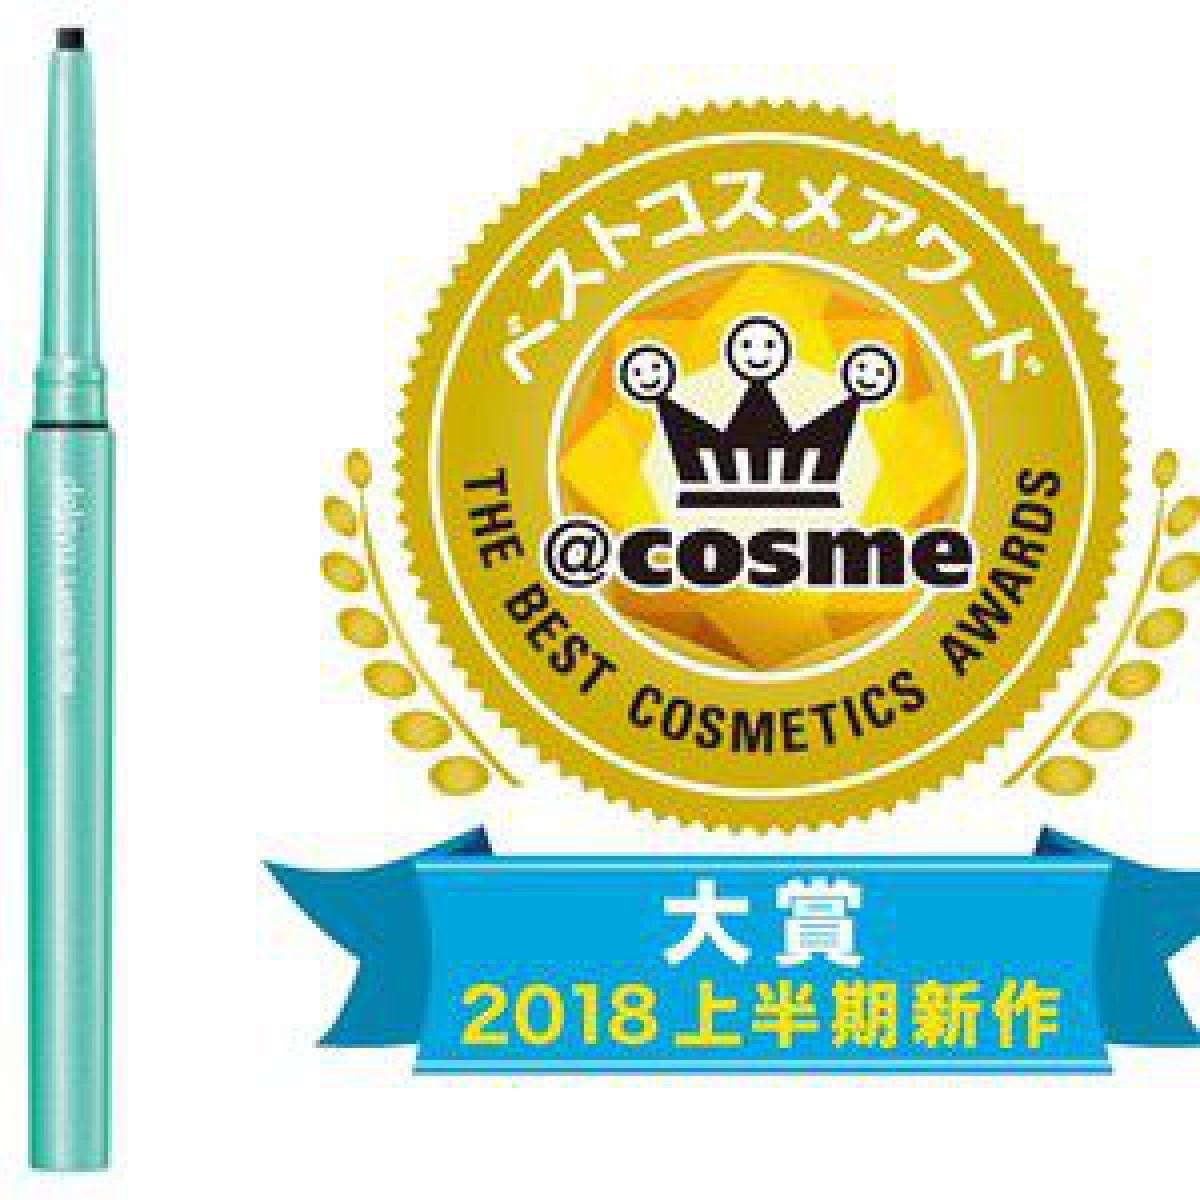 @cosmeが2018年上半期新作ベスメコスメを発表、大賞は「デジャヴュ」のアイライナー